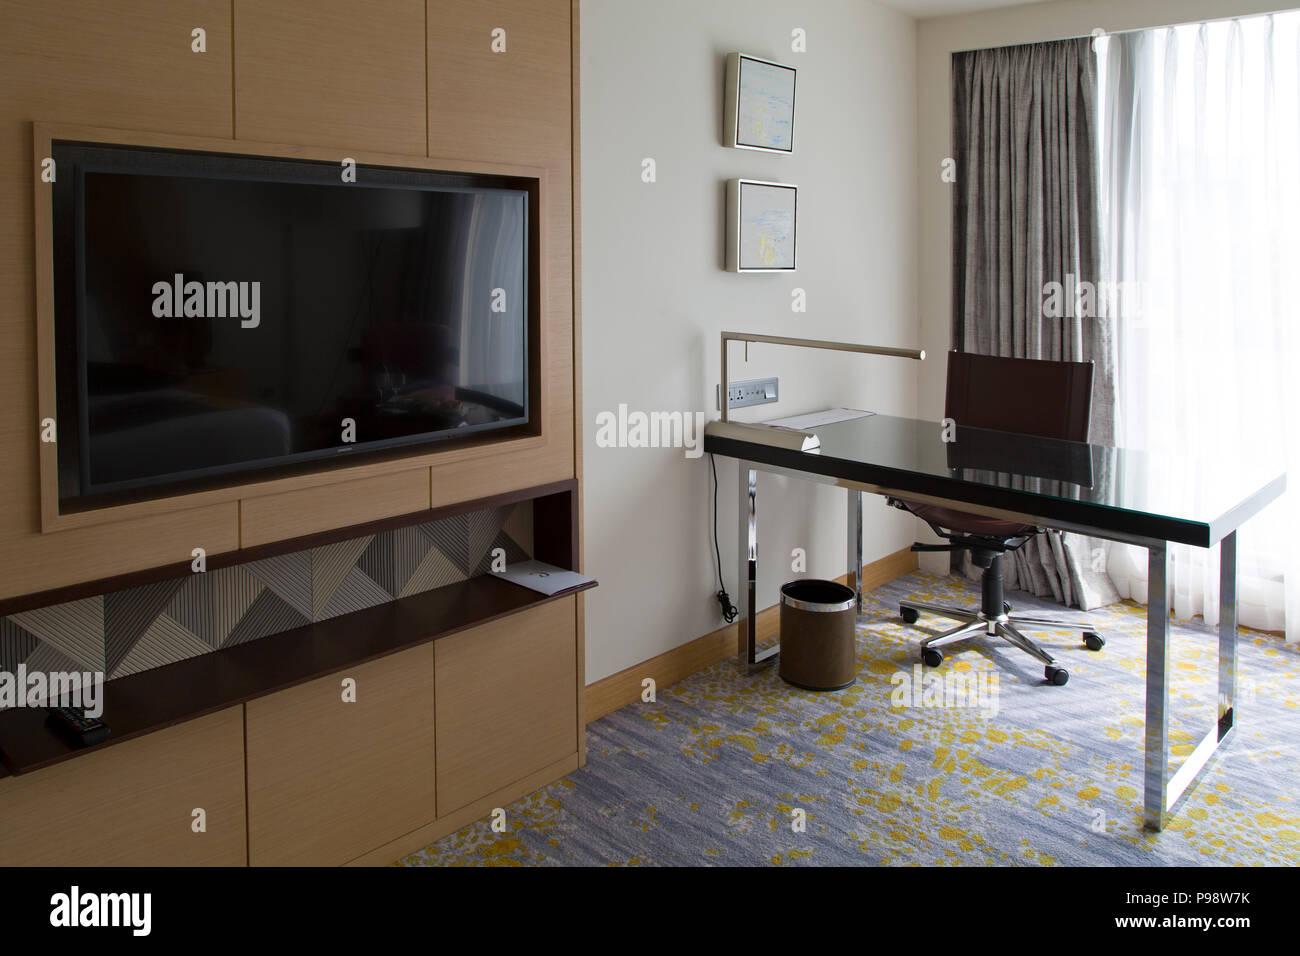 Großartig Fernseher Für Schlafzimmer Referenz Von Und Schreibtisch Im An Der Cinnamon Grand